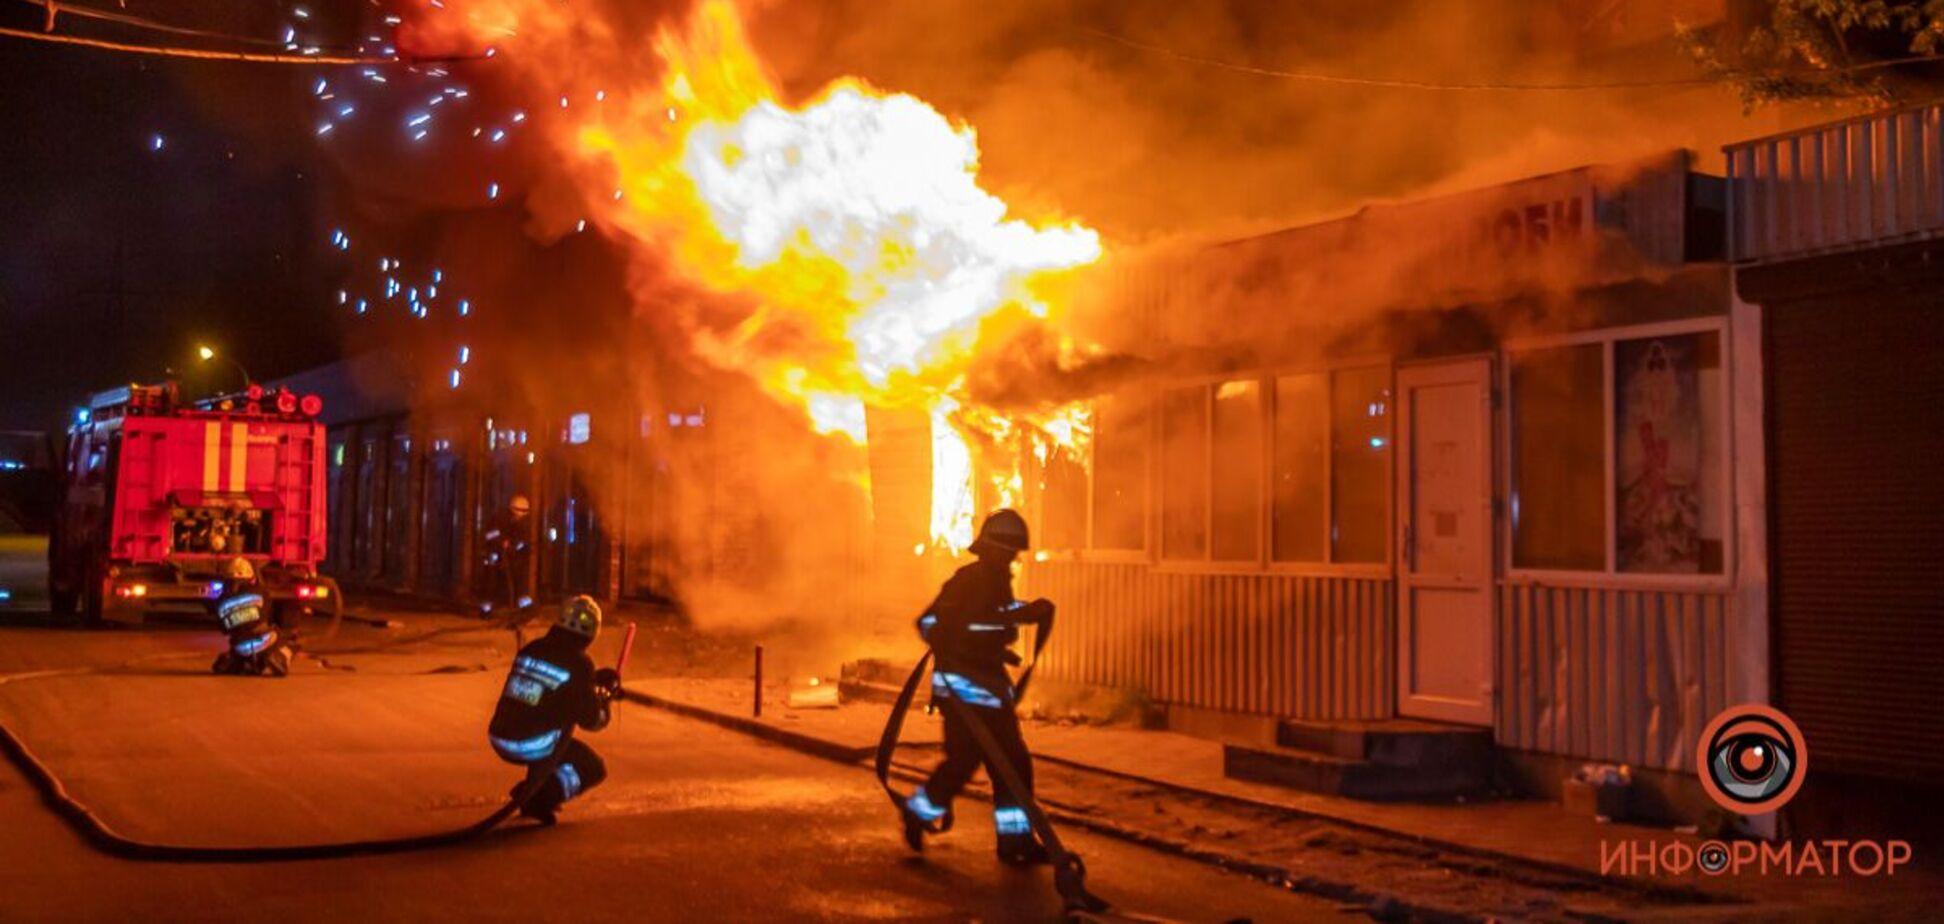 У Дніпрі на Шолохова згоріли кілька кіосків. Фото з місця НП